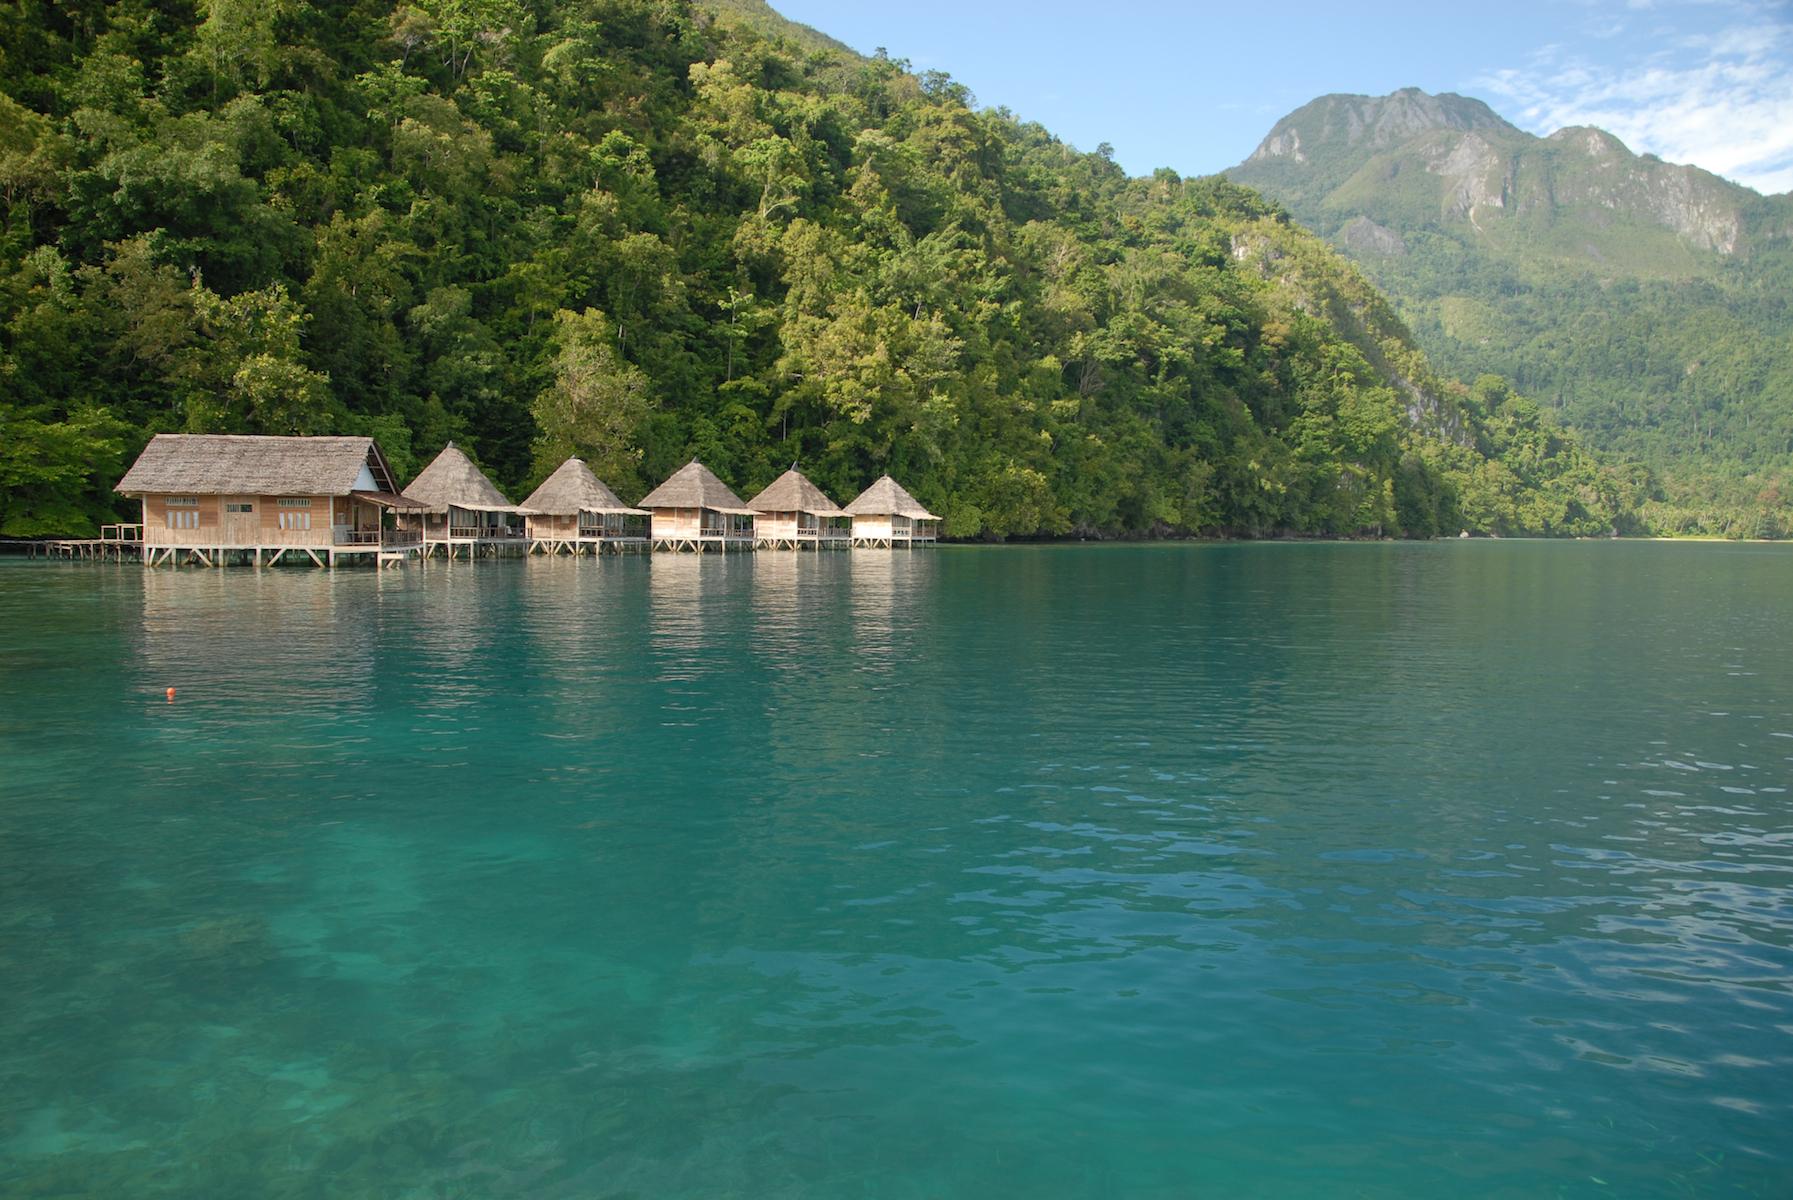 Seram • In the calm of paradise | KASOAR TRAVEL: www.kasoartravel.com/fr/node/121